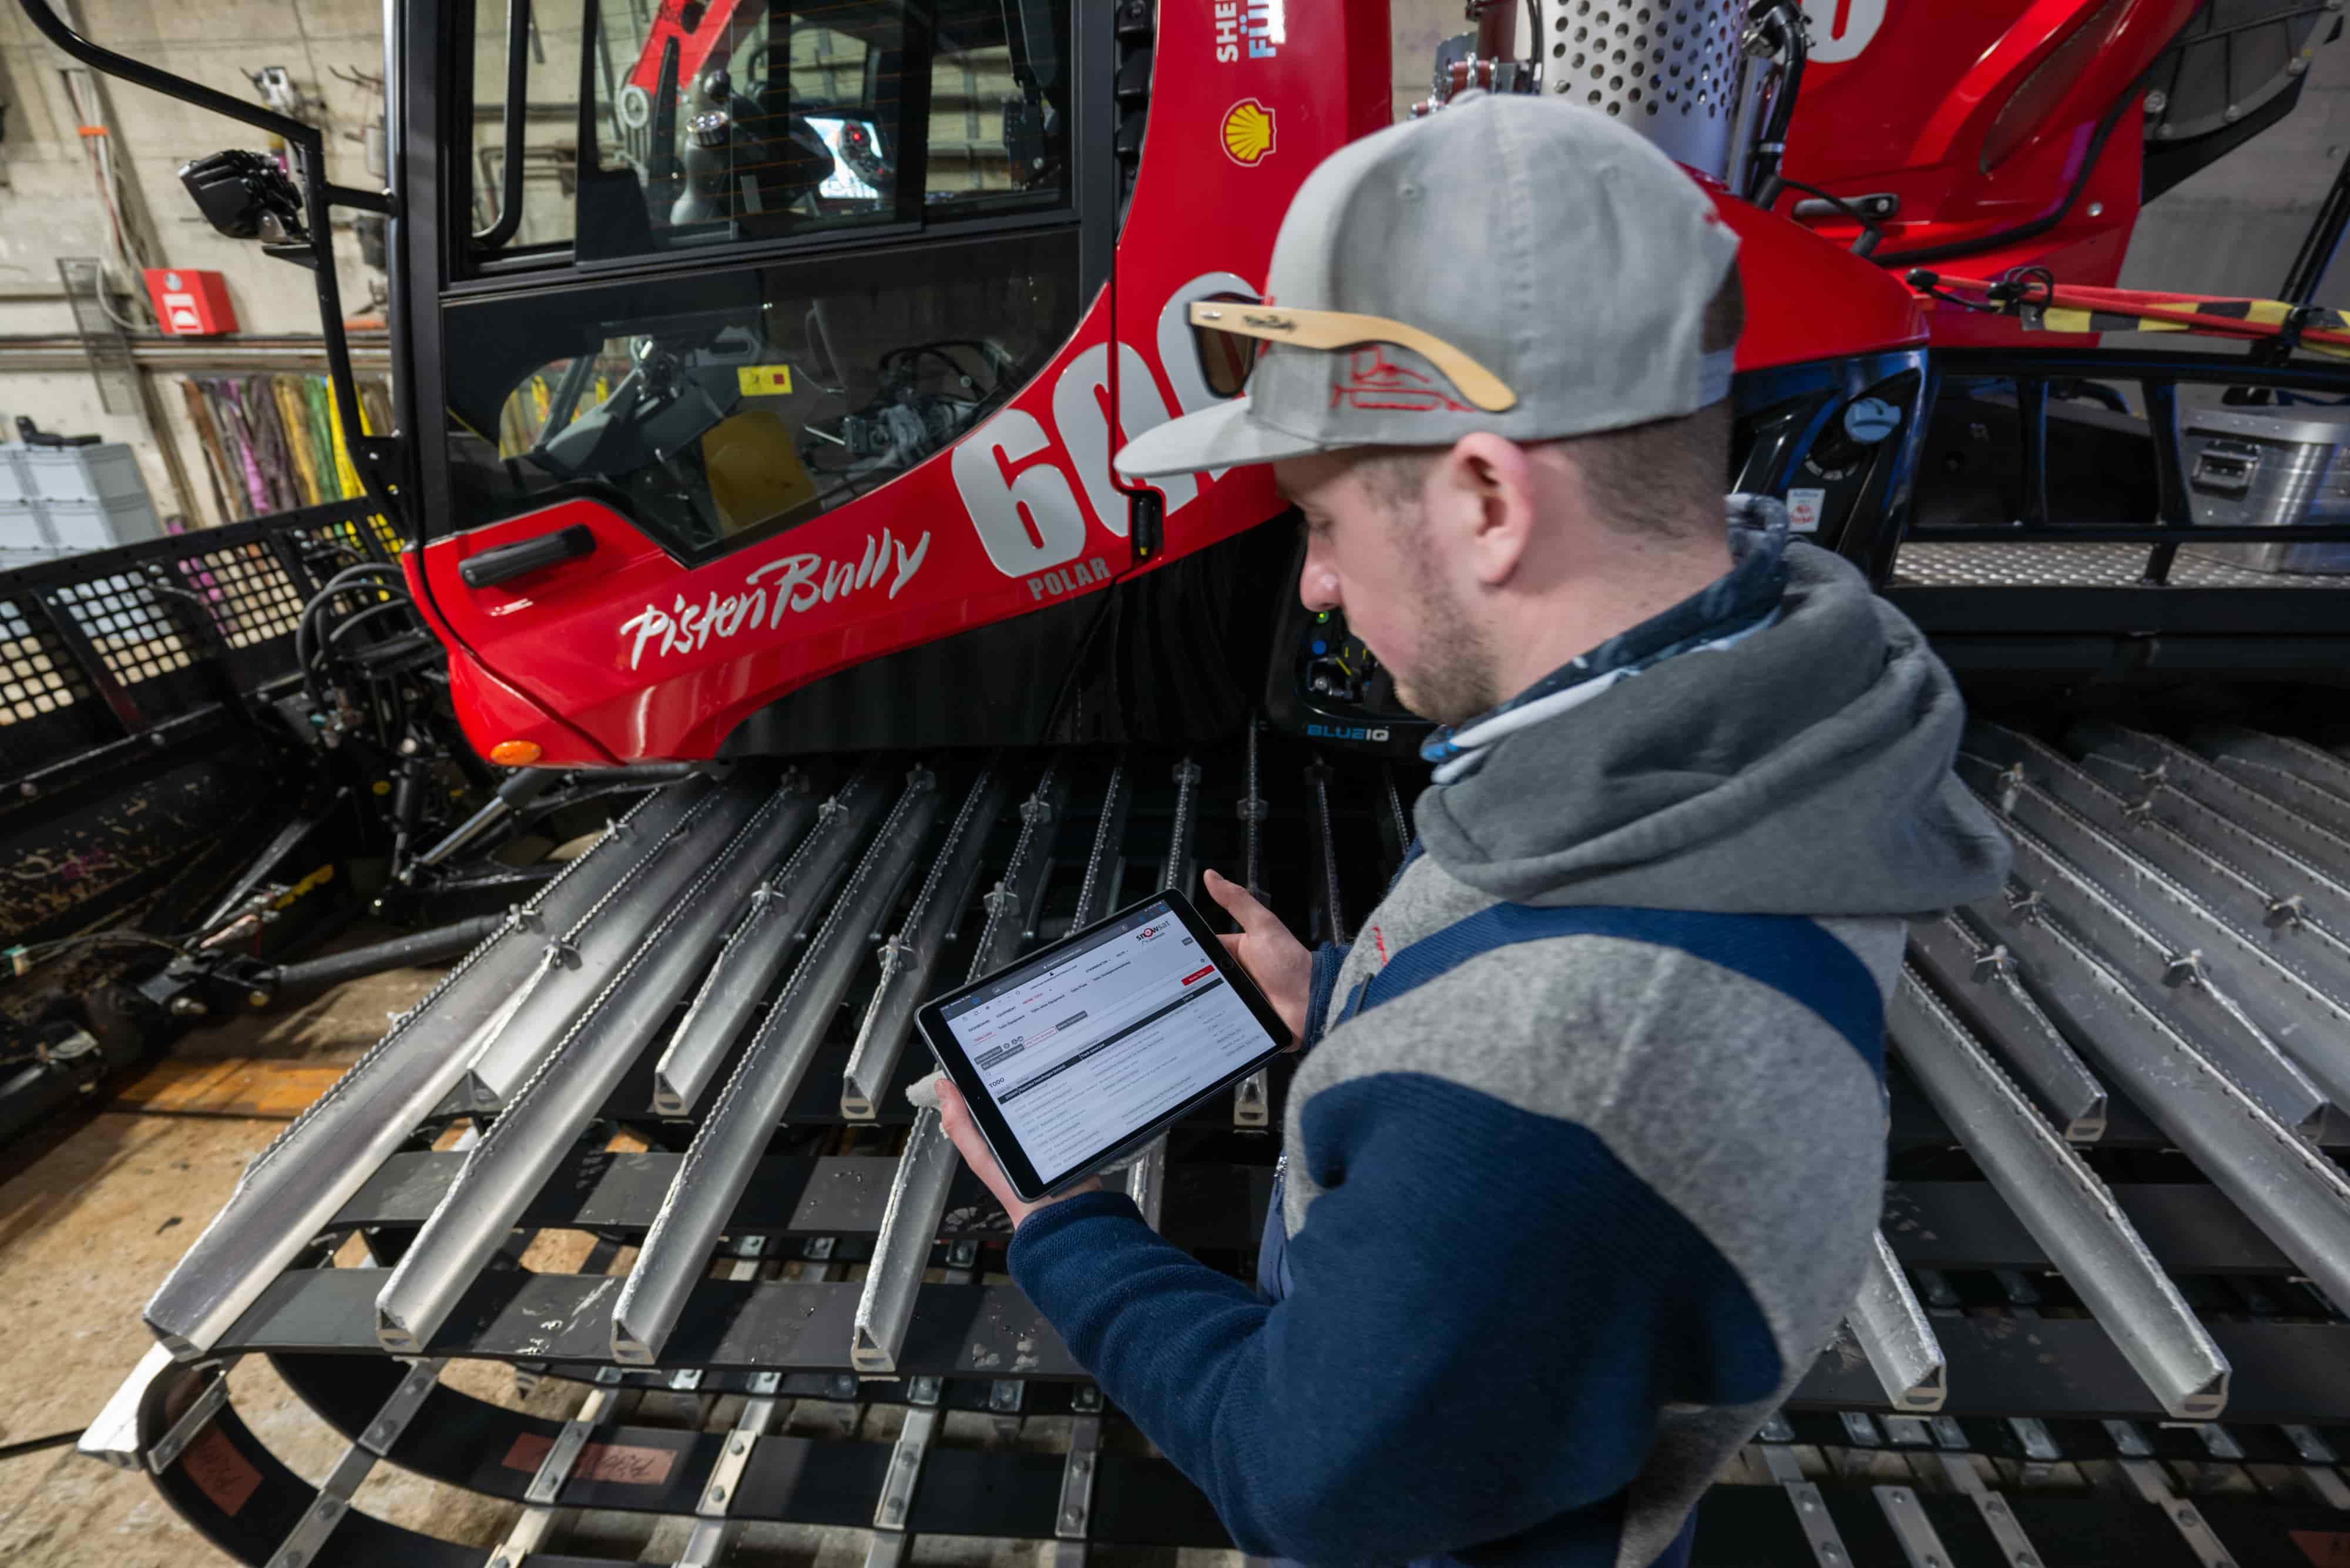 Werkstatt-Mitarbeiter mit SNOWsat Maintain auf dem Tablet vor einem PistenBully